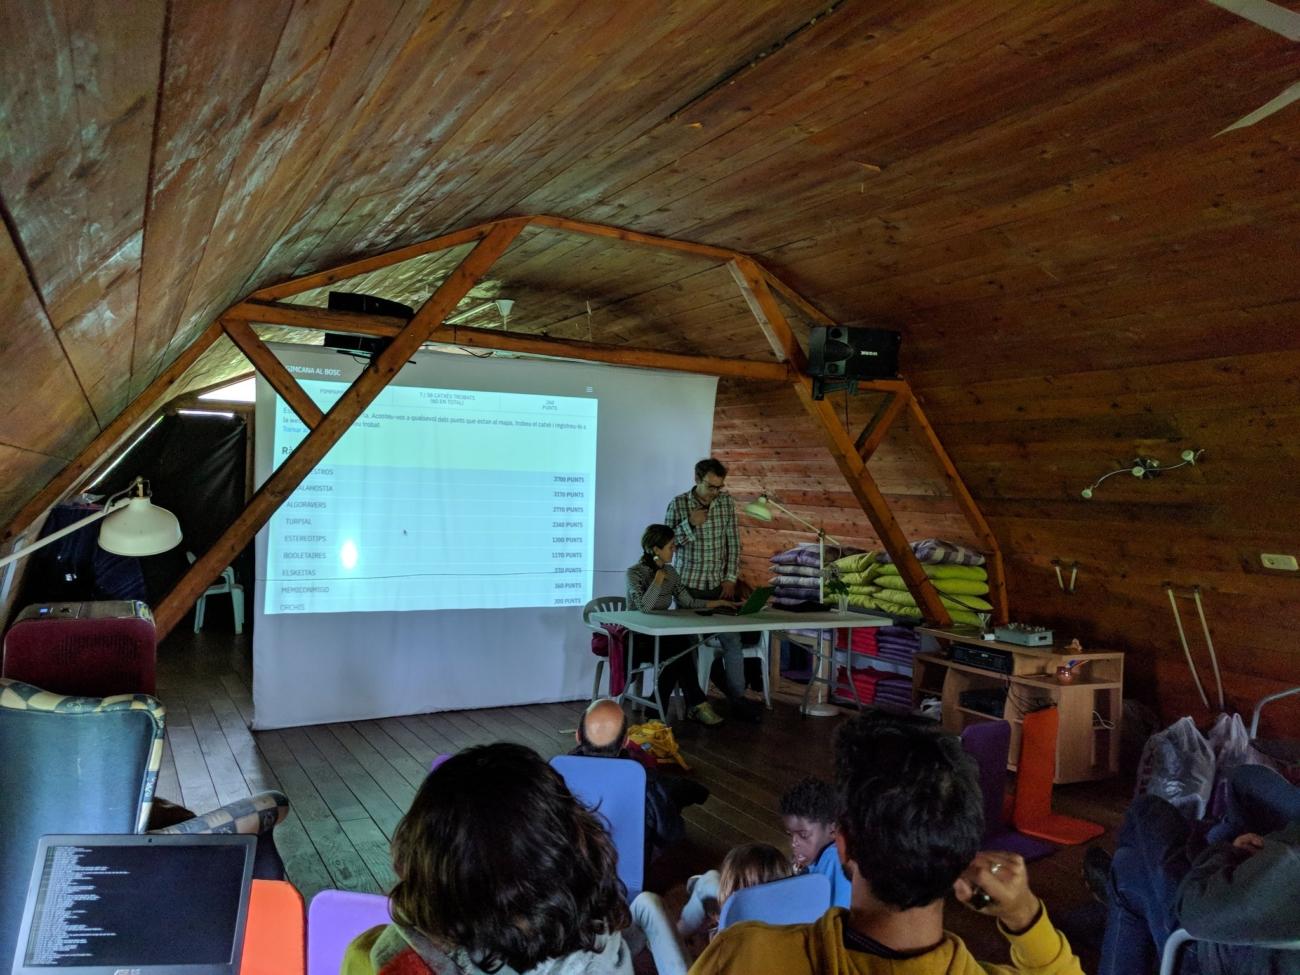 Presentació de Pimpampum a l'ESC 2018